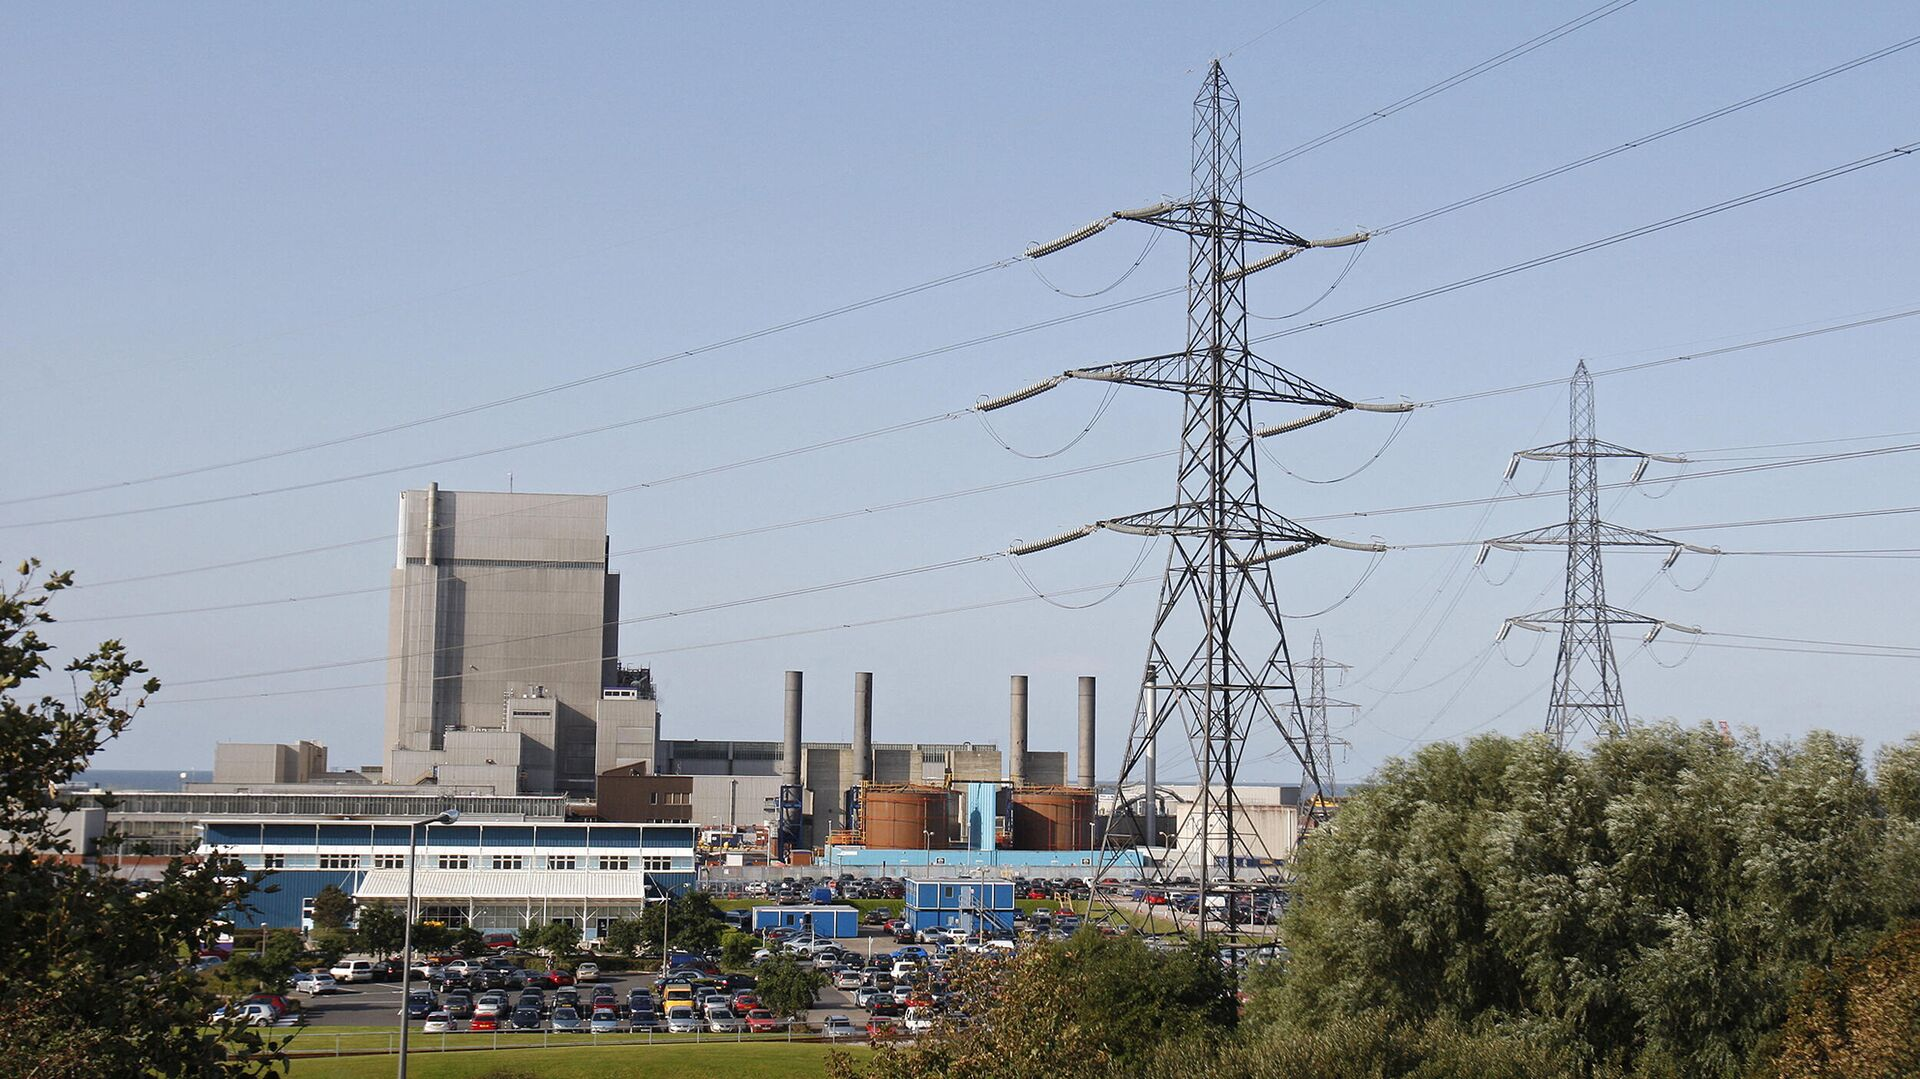 АЭС Хейшем в Великобритании  - Sputnik Узбекистан, 1920, 05.10.2021